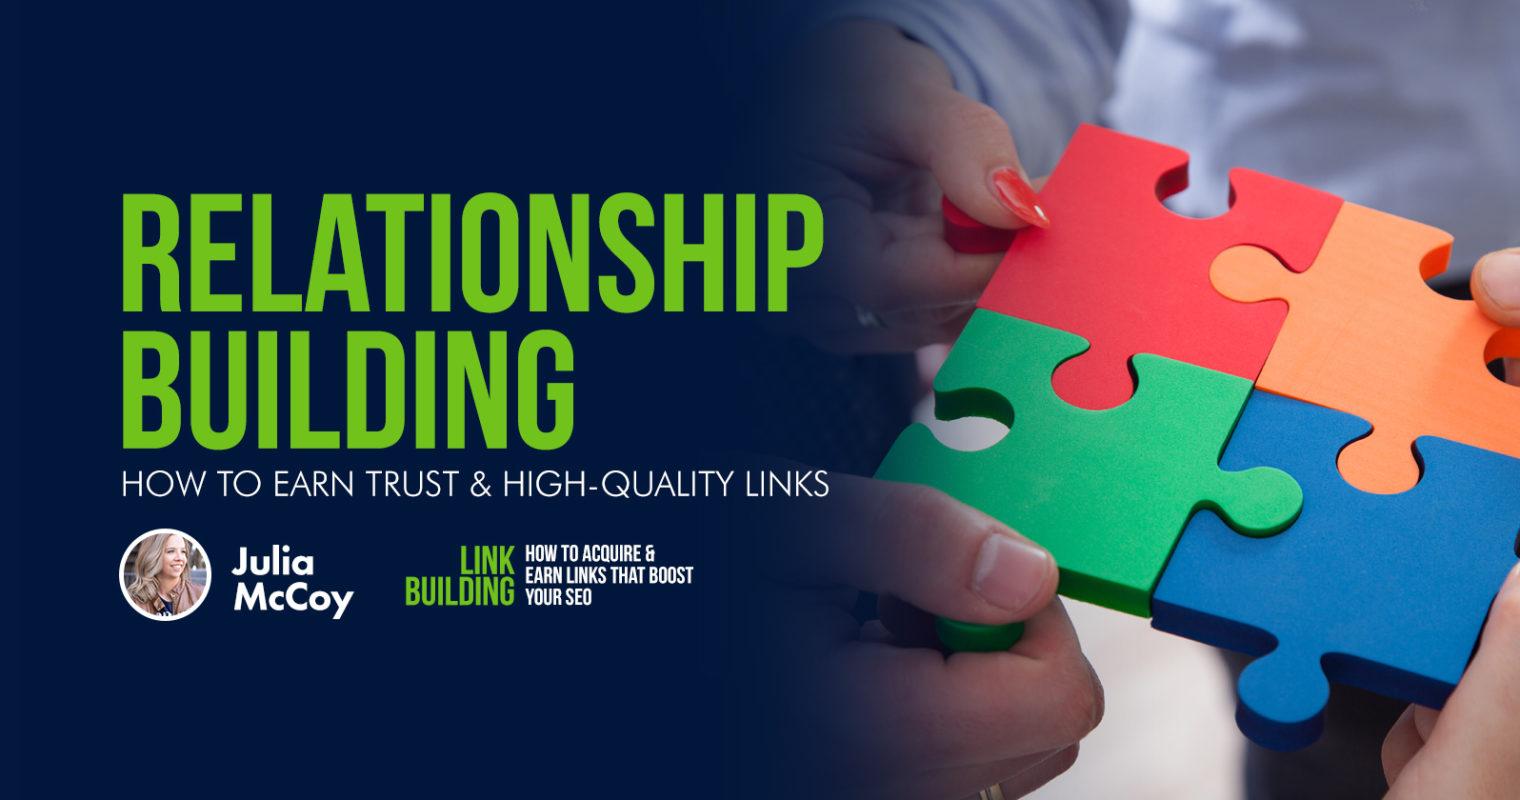 https://res.cloudinary.com/dpyy9uysx/image/upload/v1558935511/seo/link-building-guide-relationship-building.jpg